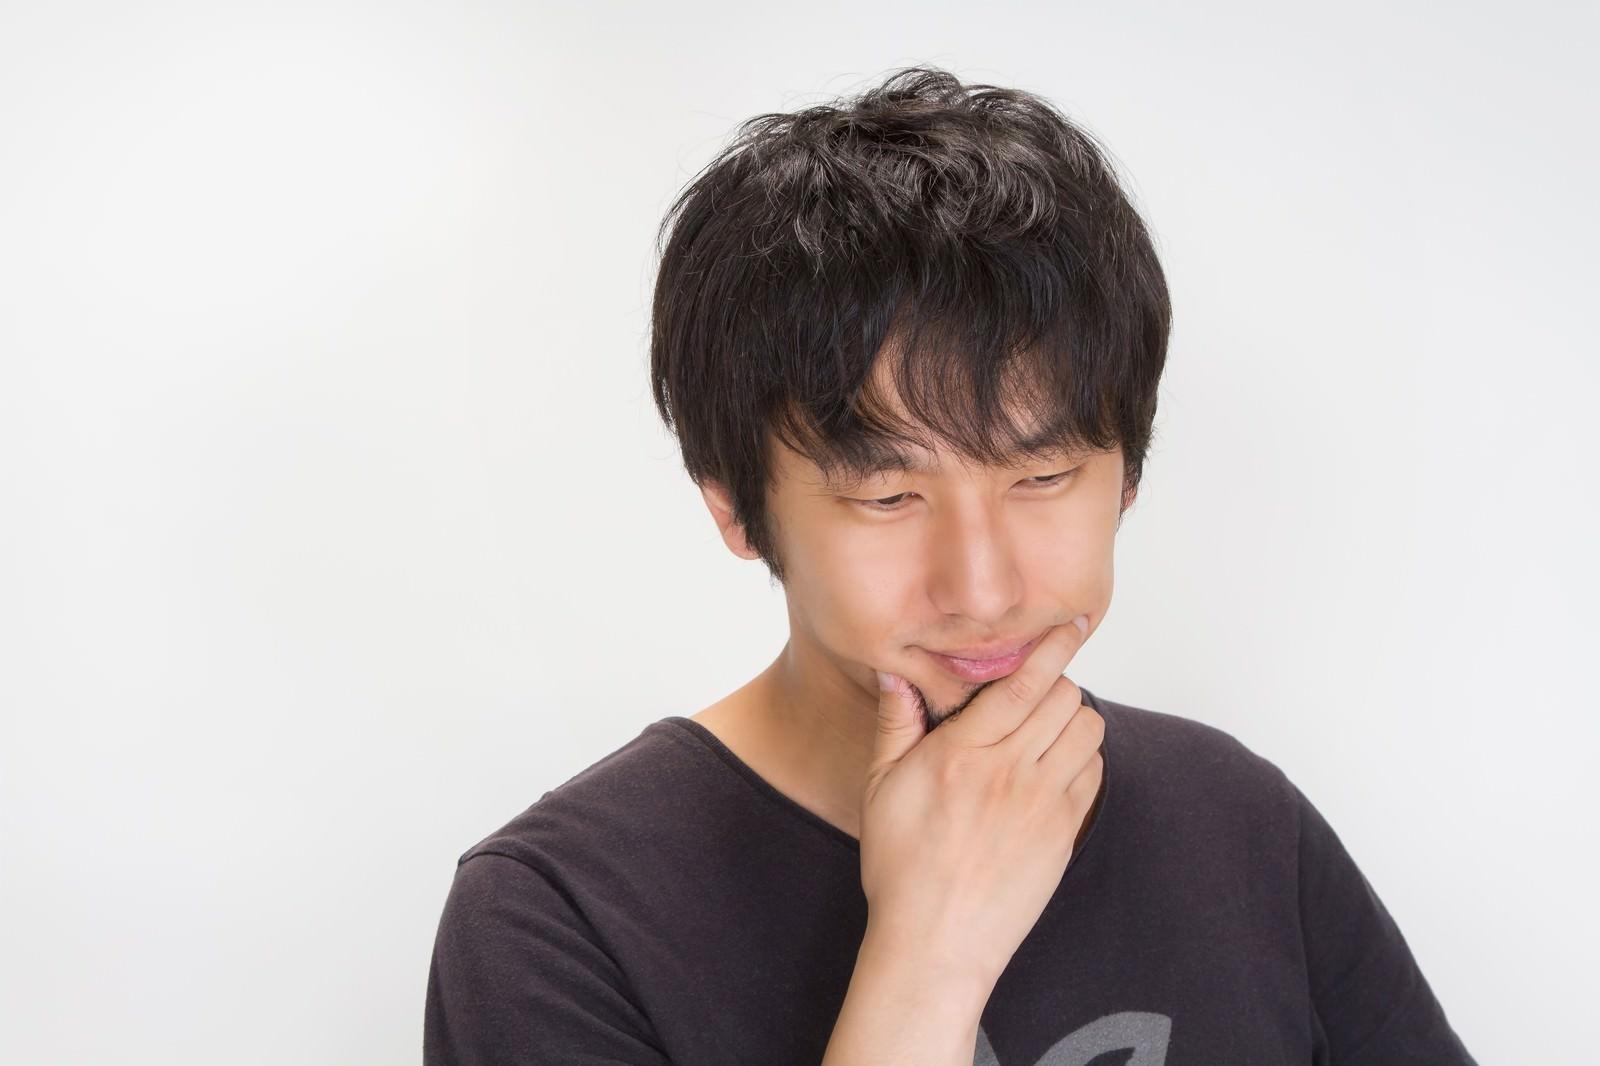 「考える若い男性考える若い男性」[モデル:大川竜弥]のフリー写真素材